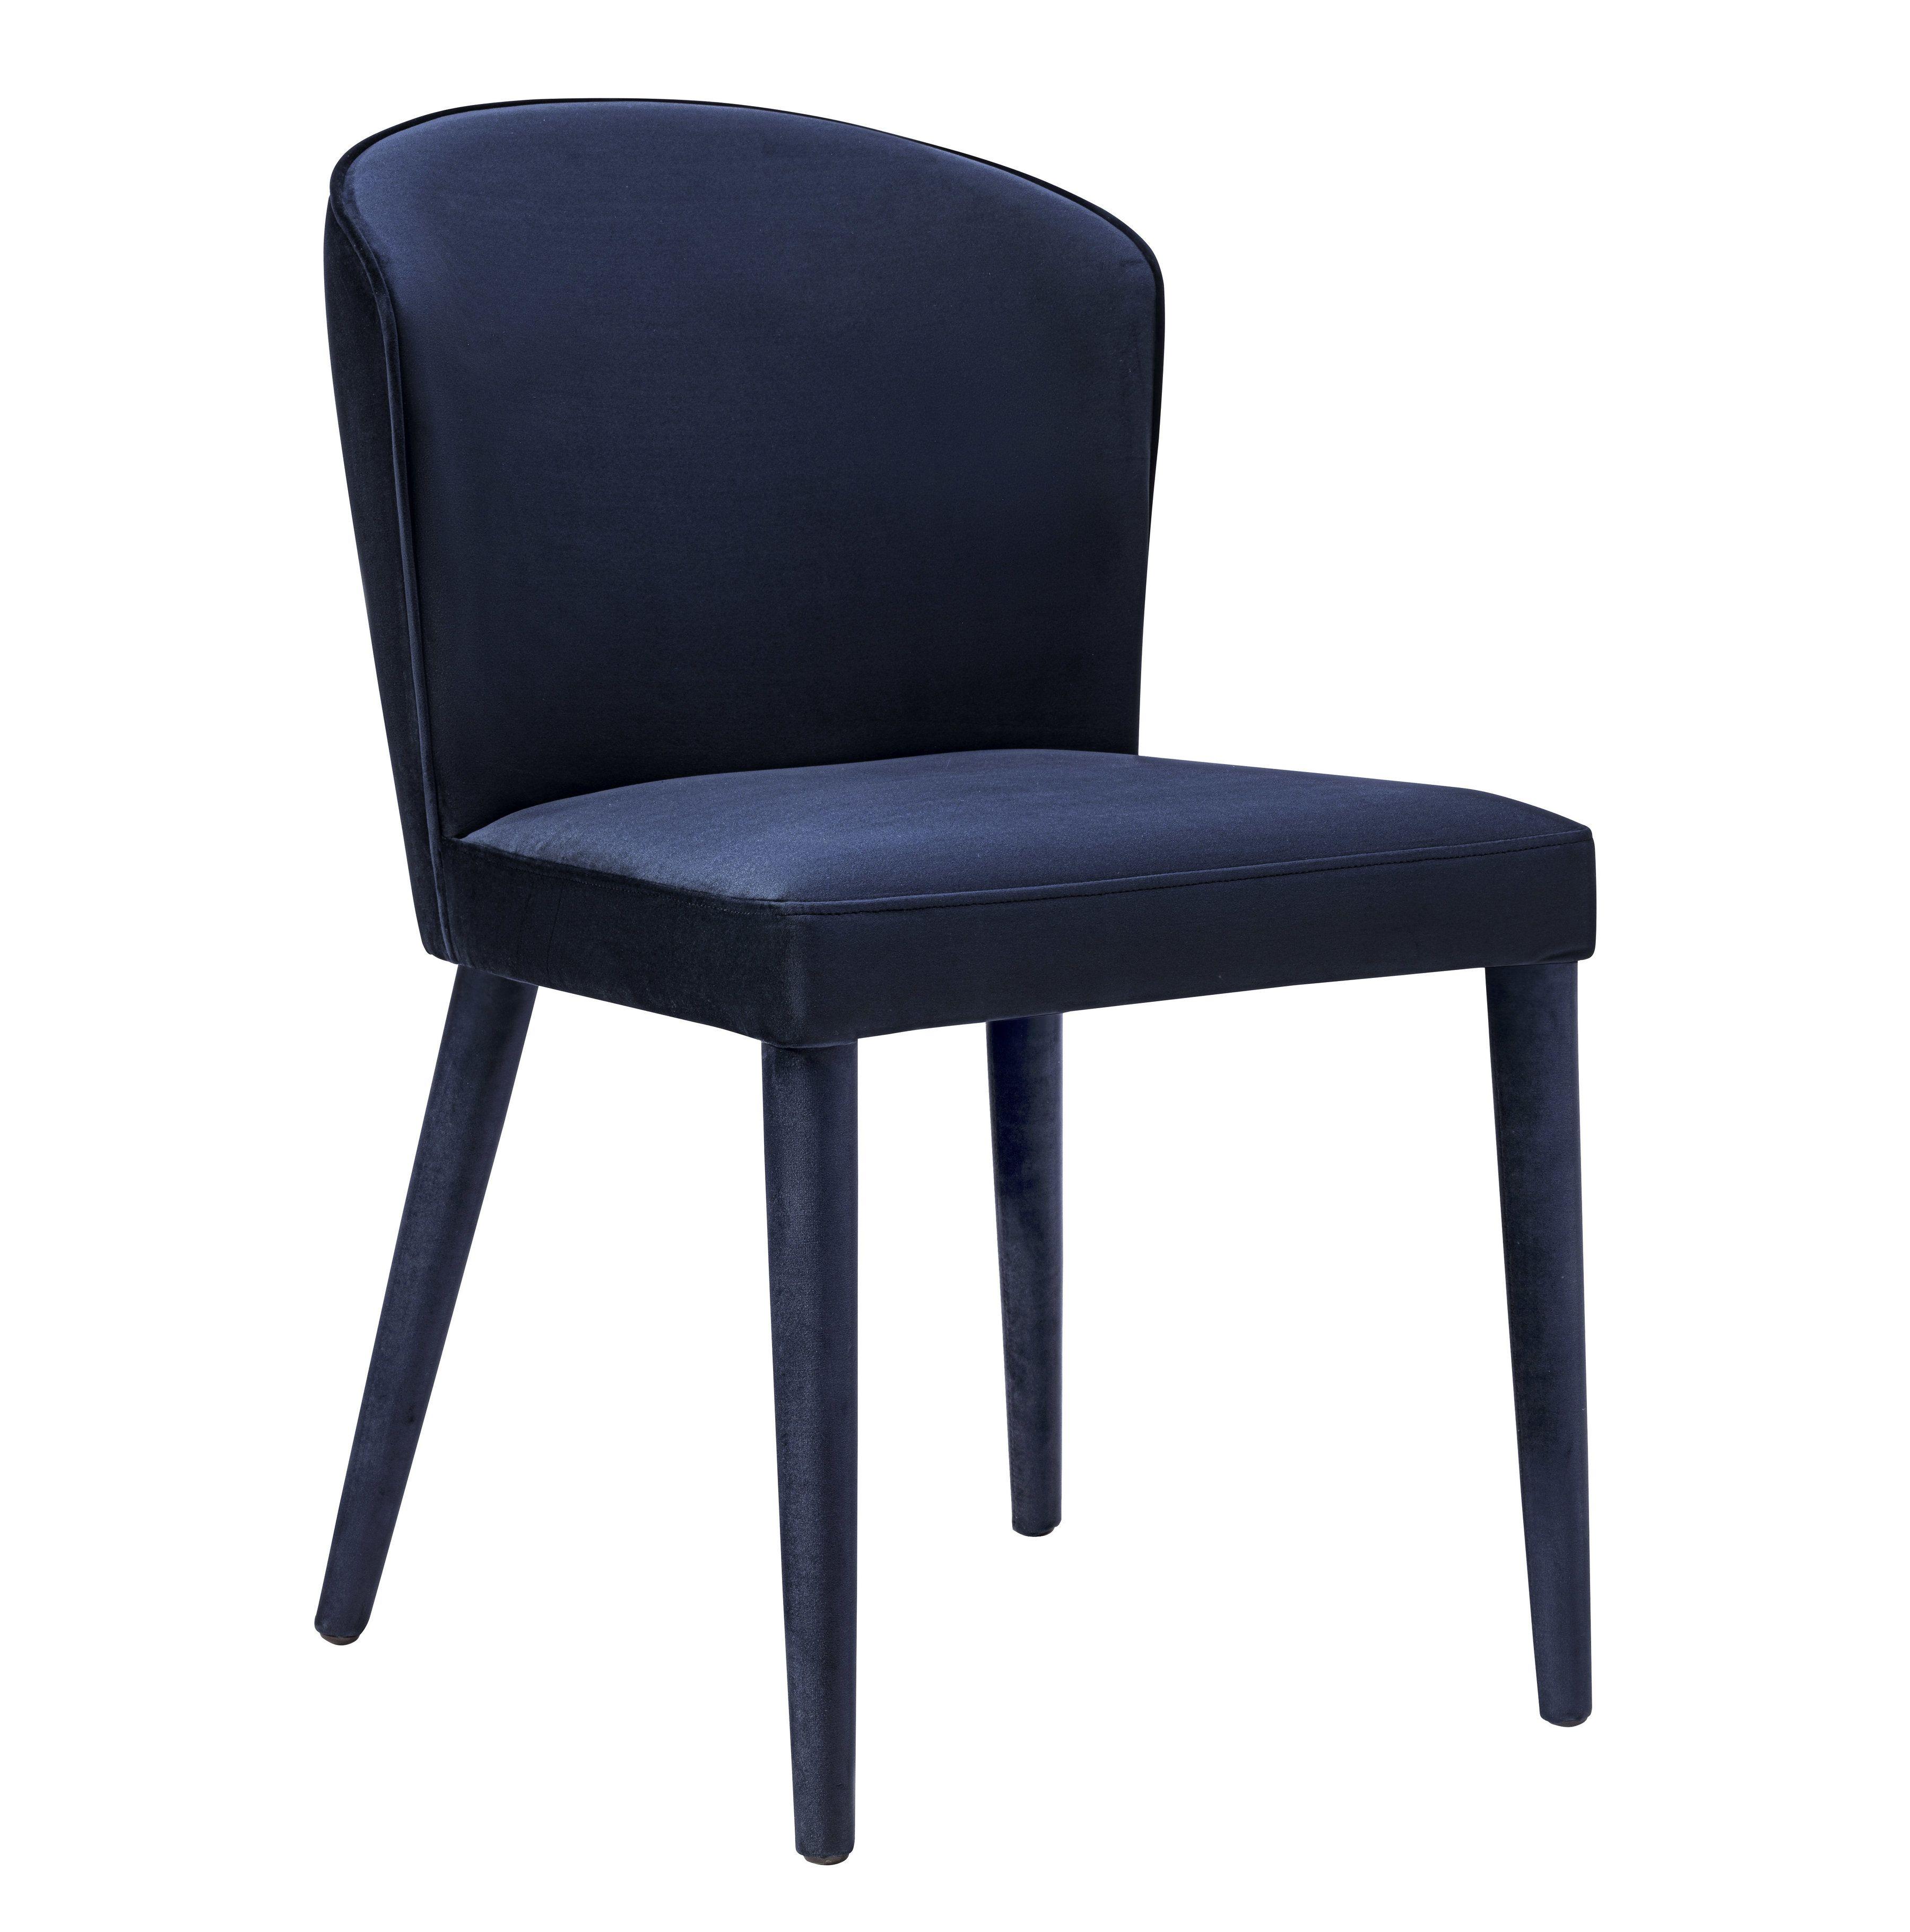 Metropolitan Navy Velvet Chair TOV Furniture Dining